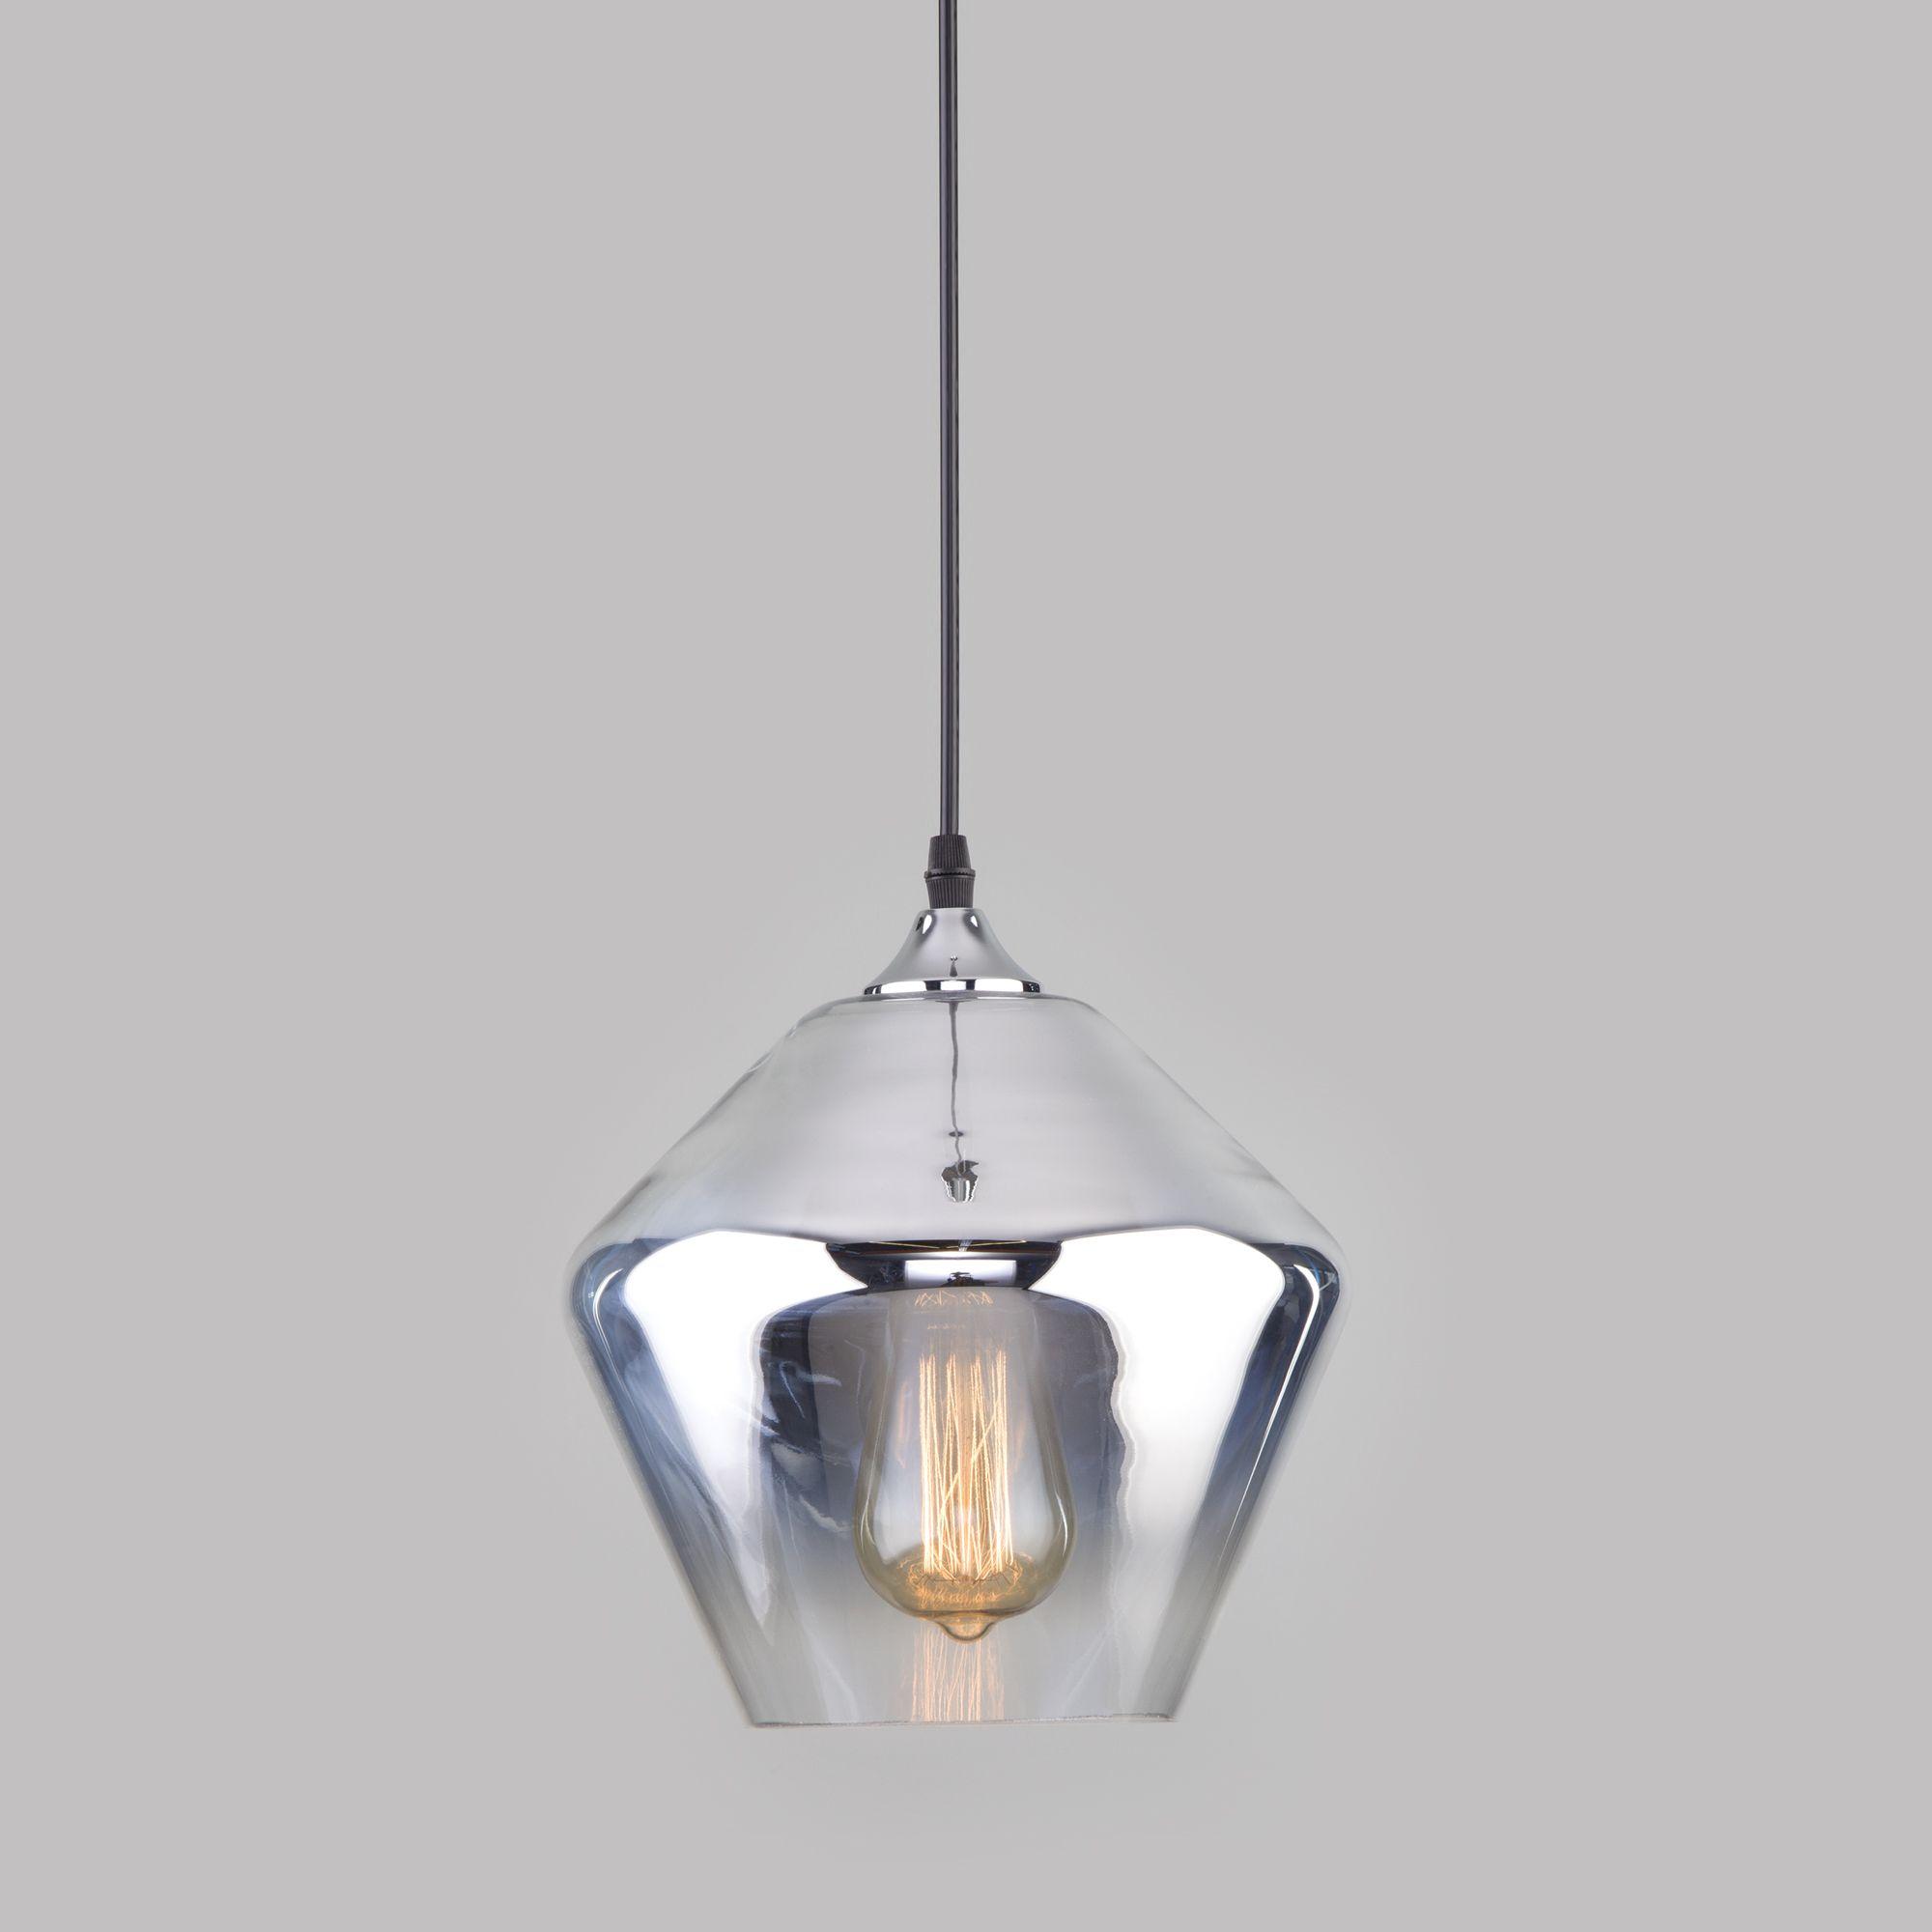 Подвесной светильник со стеклянным плафоном 50198/1 хром